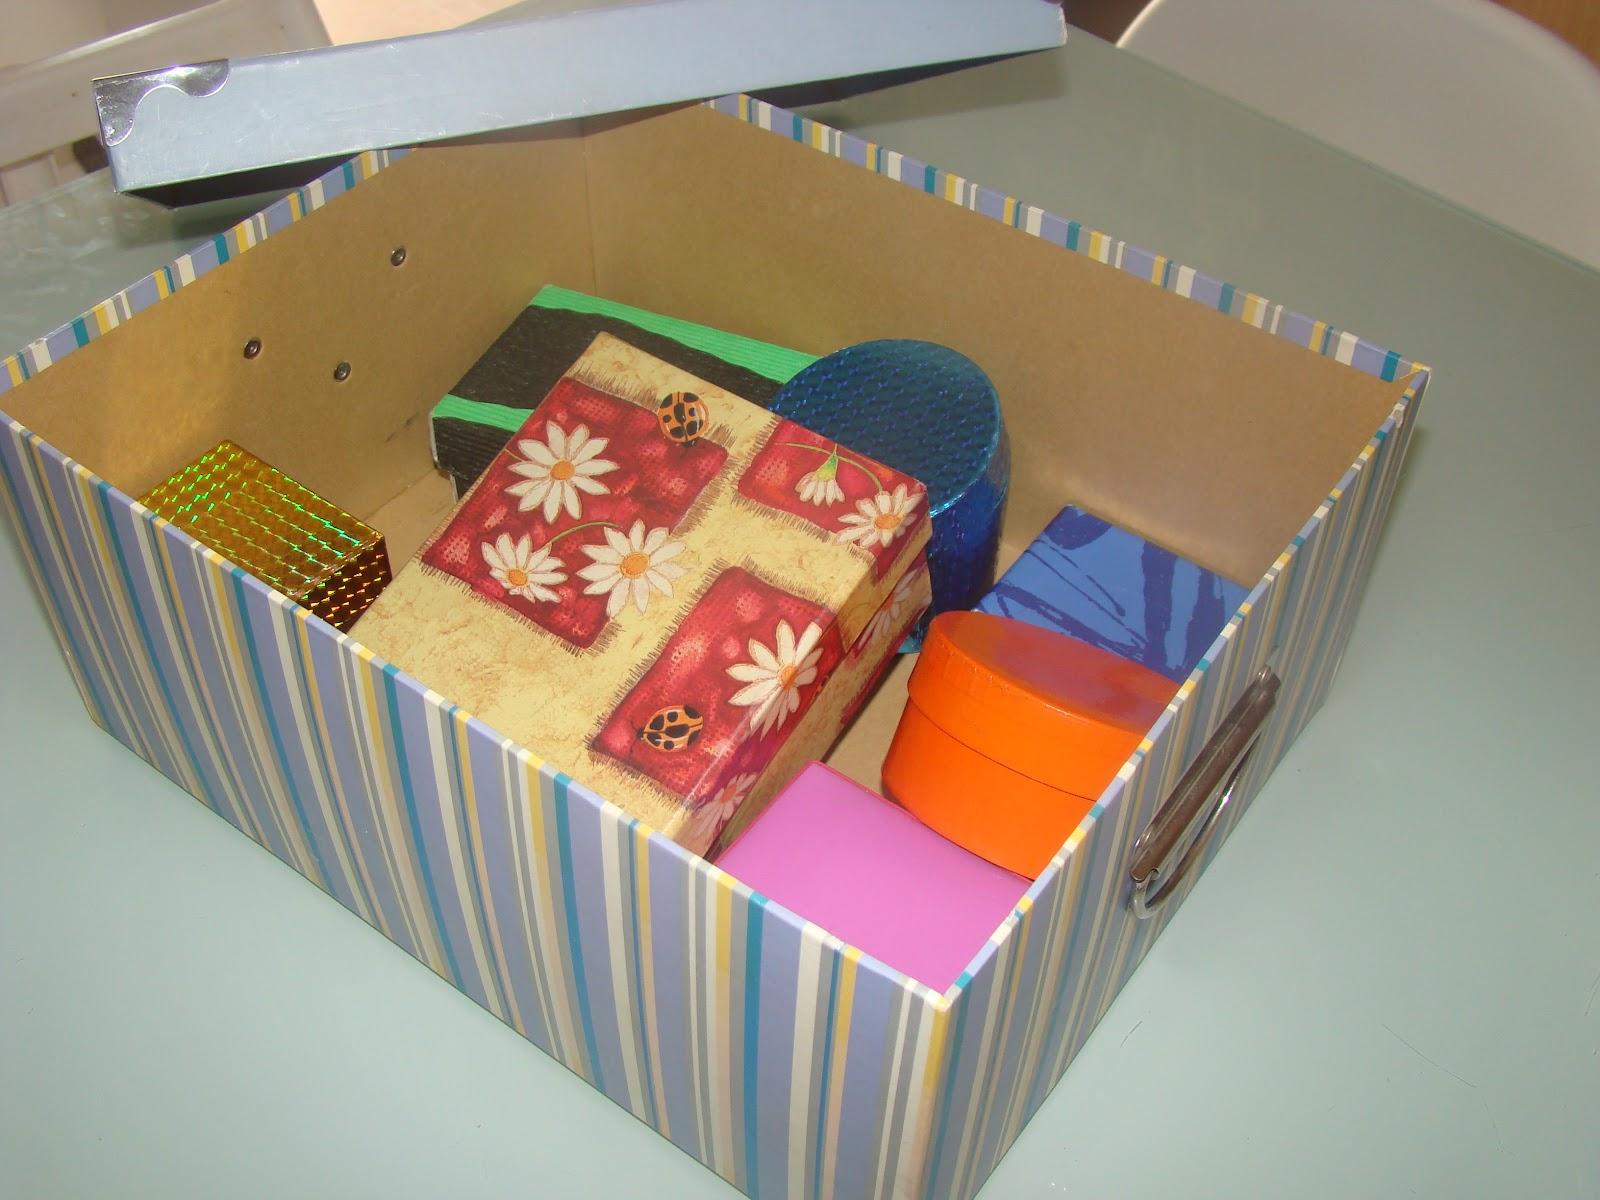 Els nostres moments la capsa de les can ons caja de for Caja almacenaje infantil